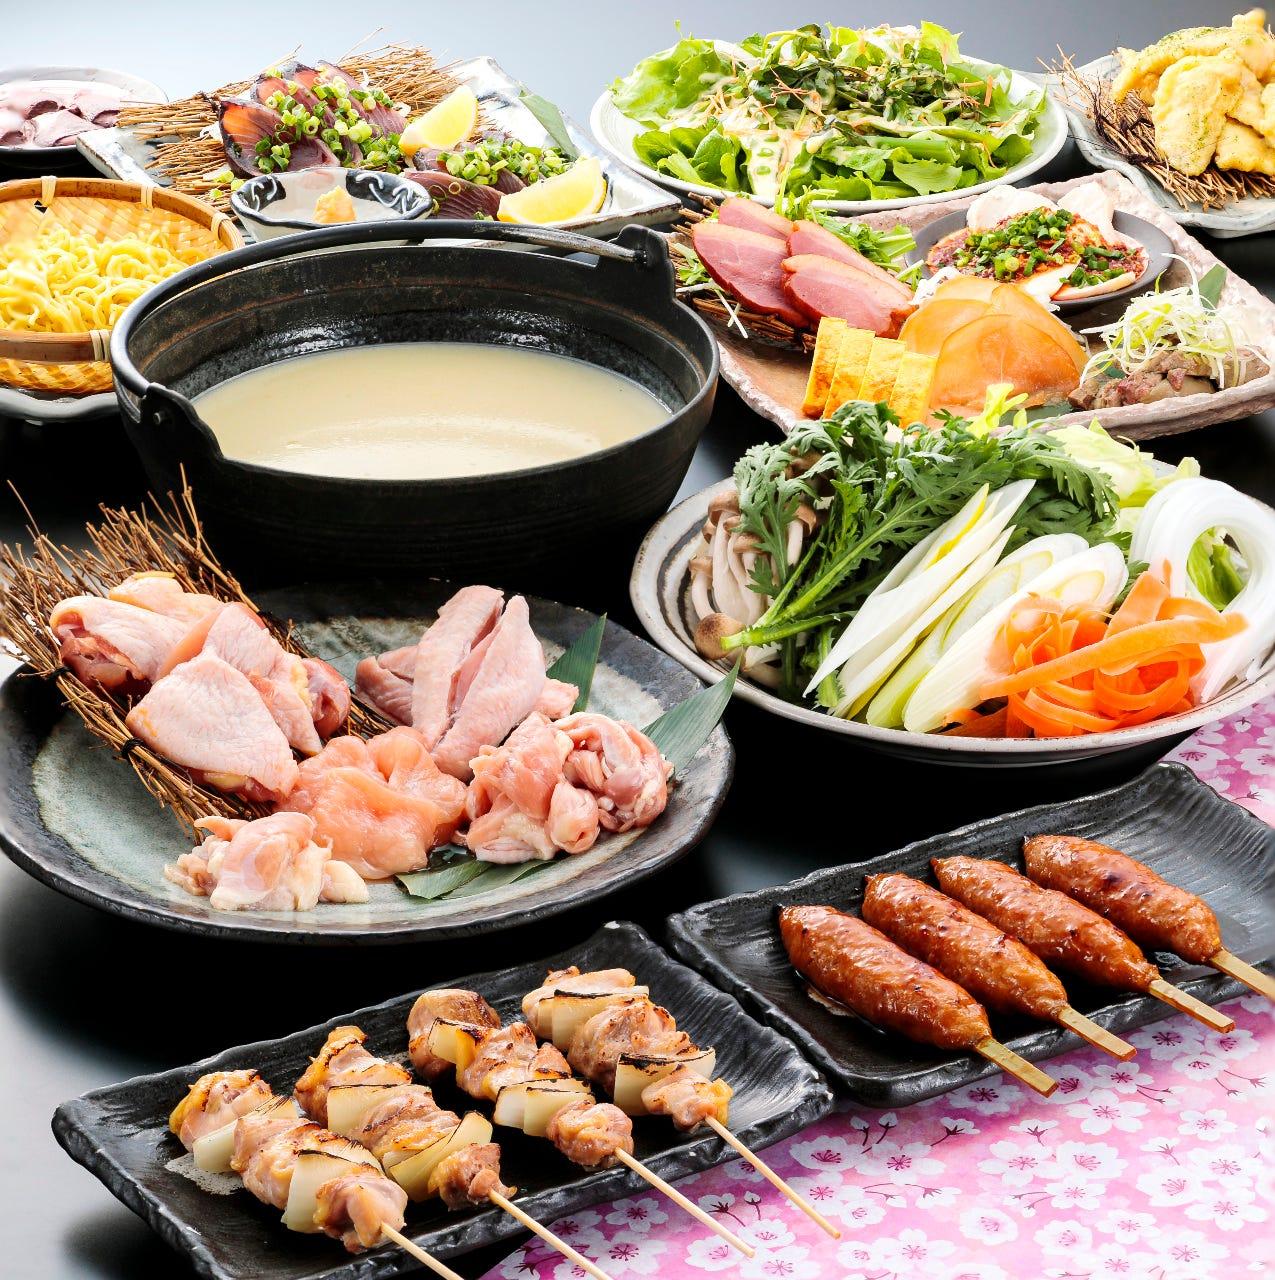 【水炊乃宴コース】歓送迎会一番オススメのコースです